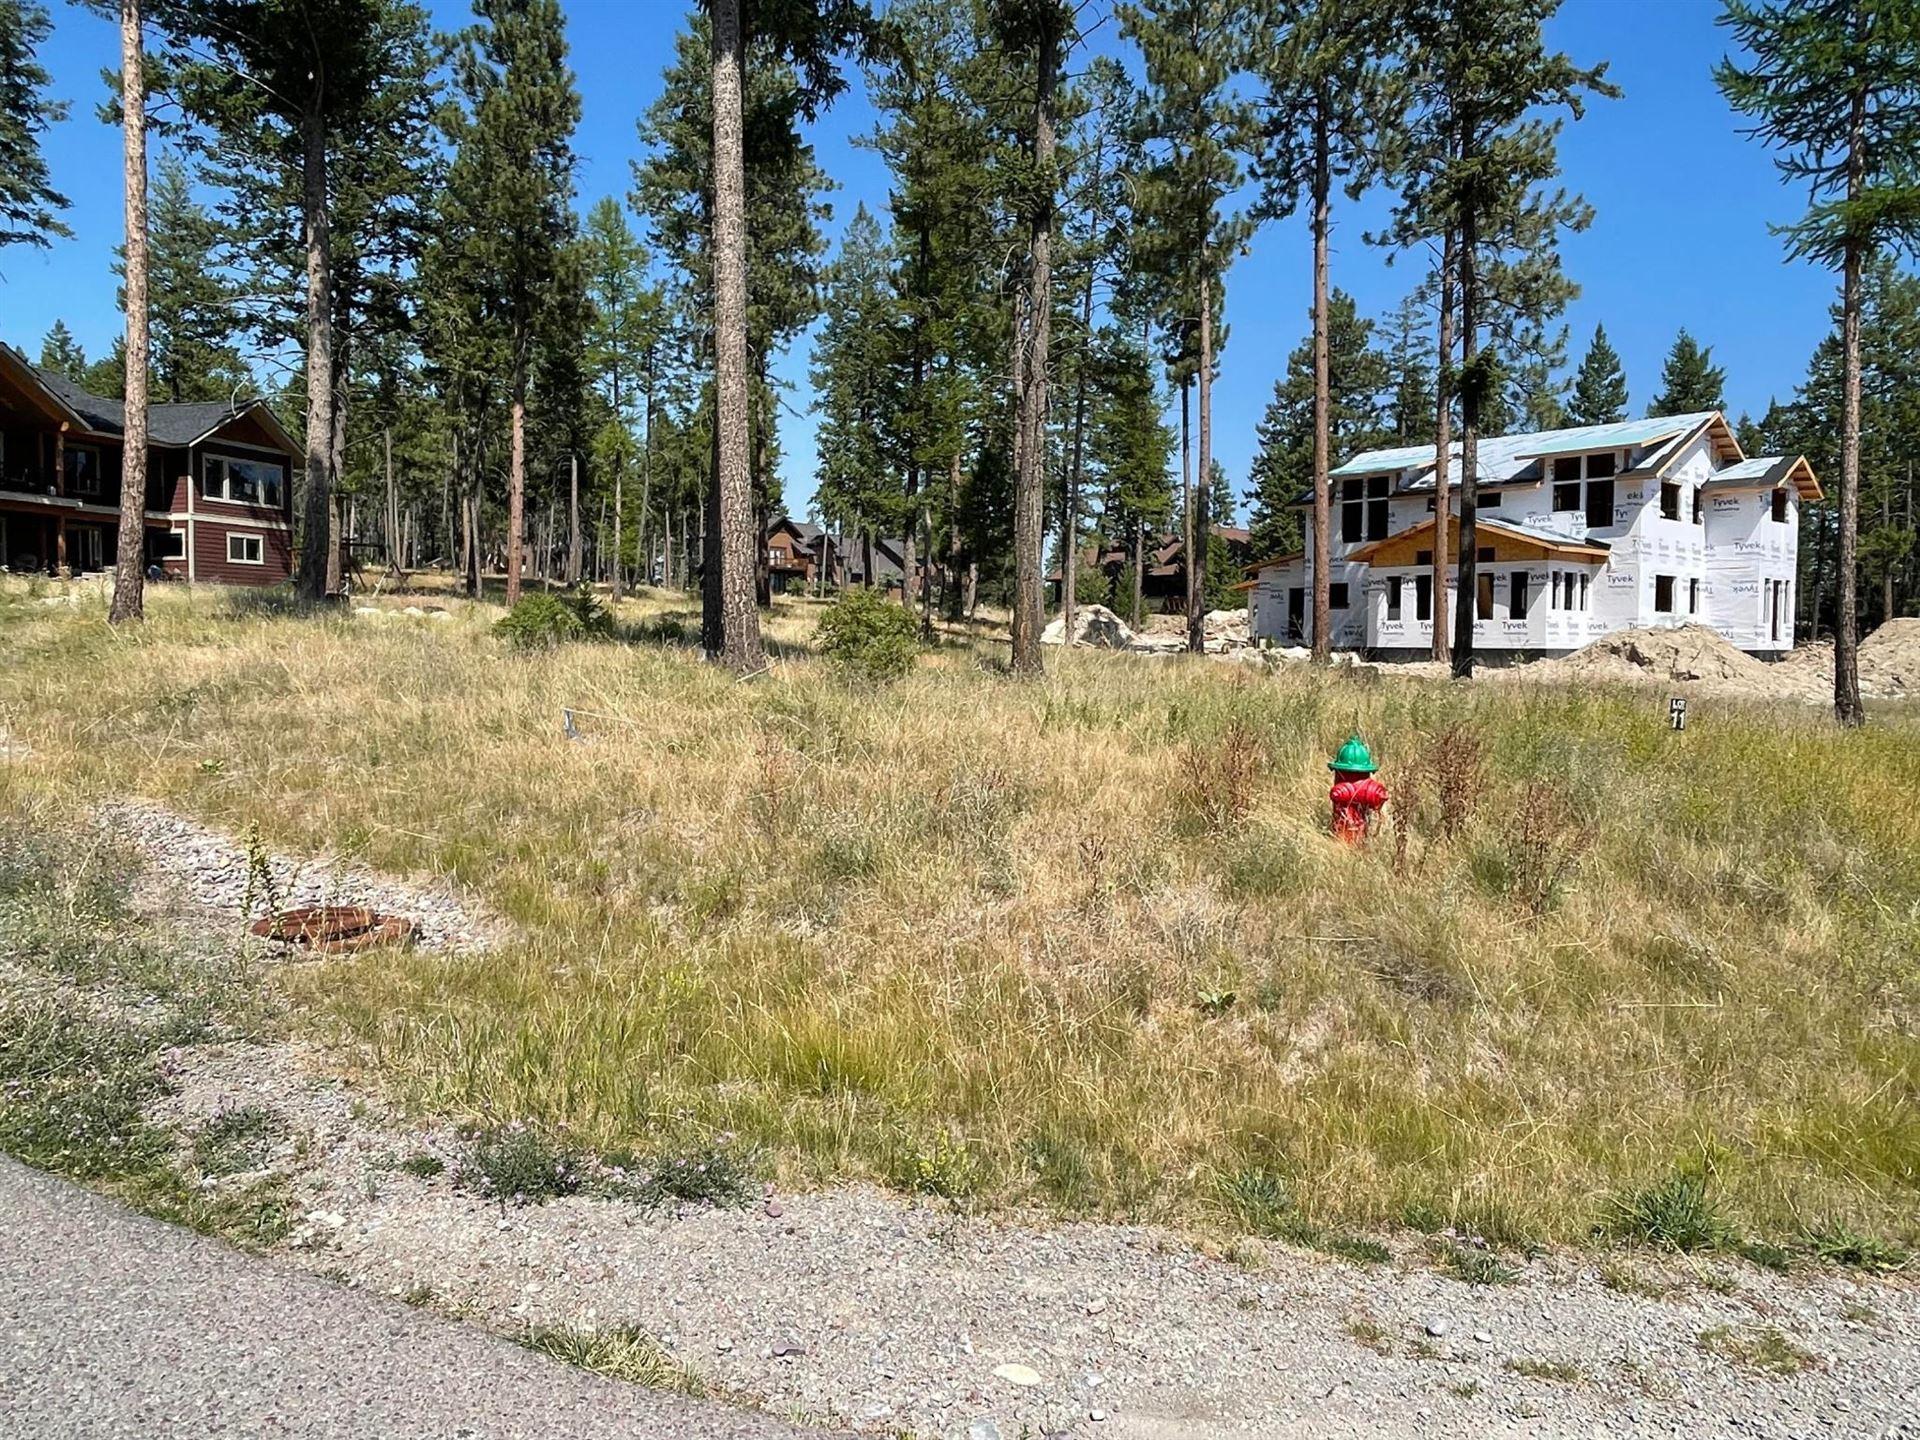 Photo for 119 Spurwing Loop, Lakeside, MT 59922 (MLS # 22112904)